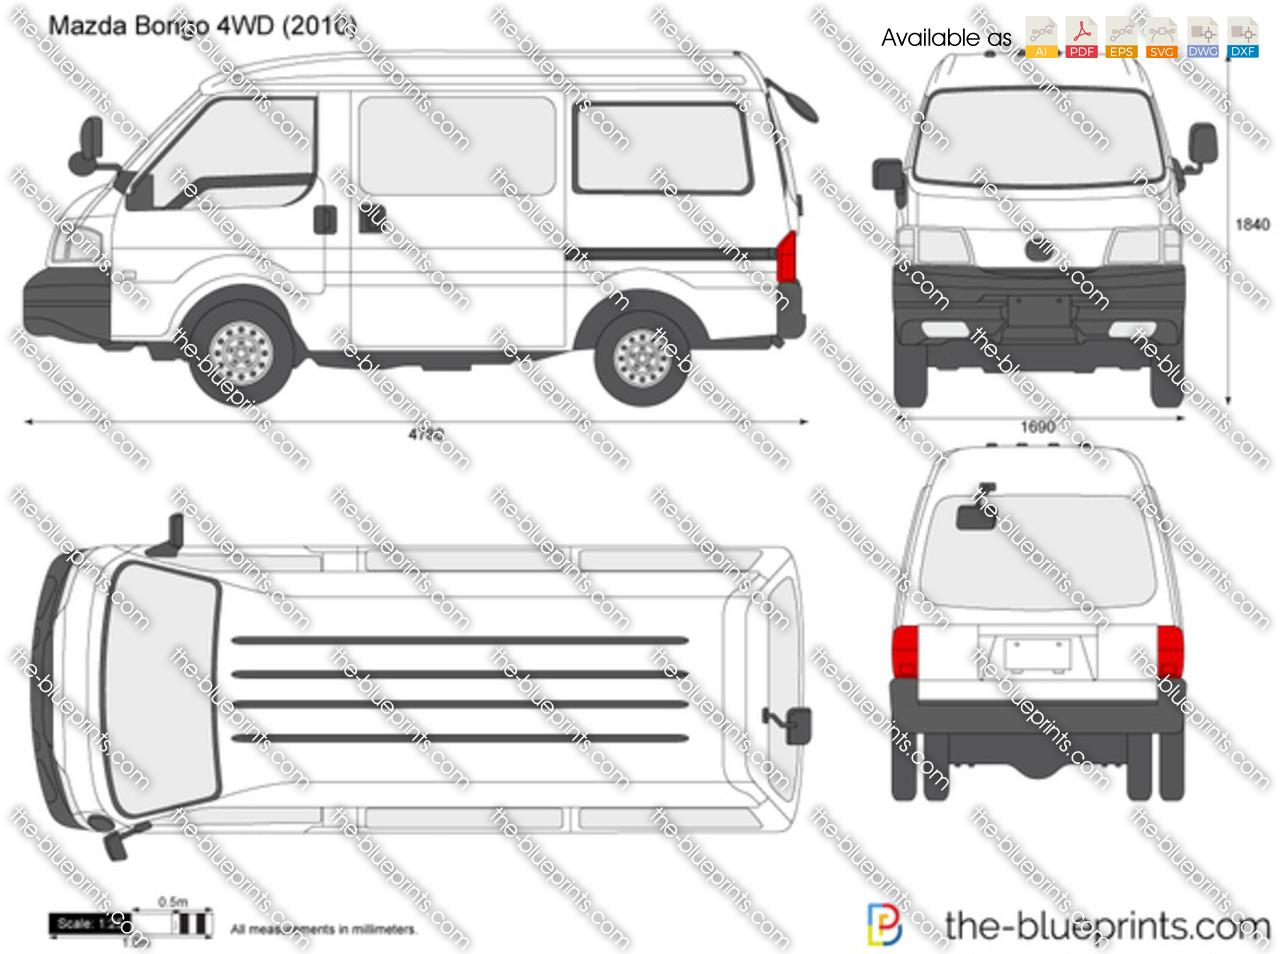 Mazda Bongo 4WD 2000